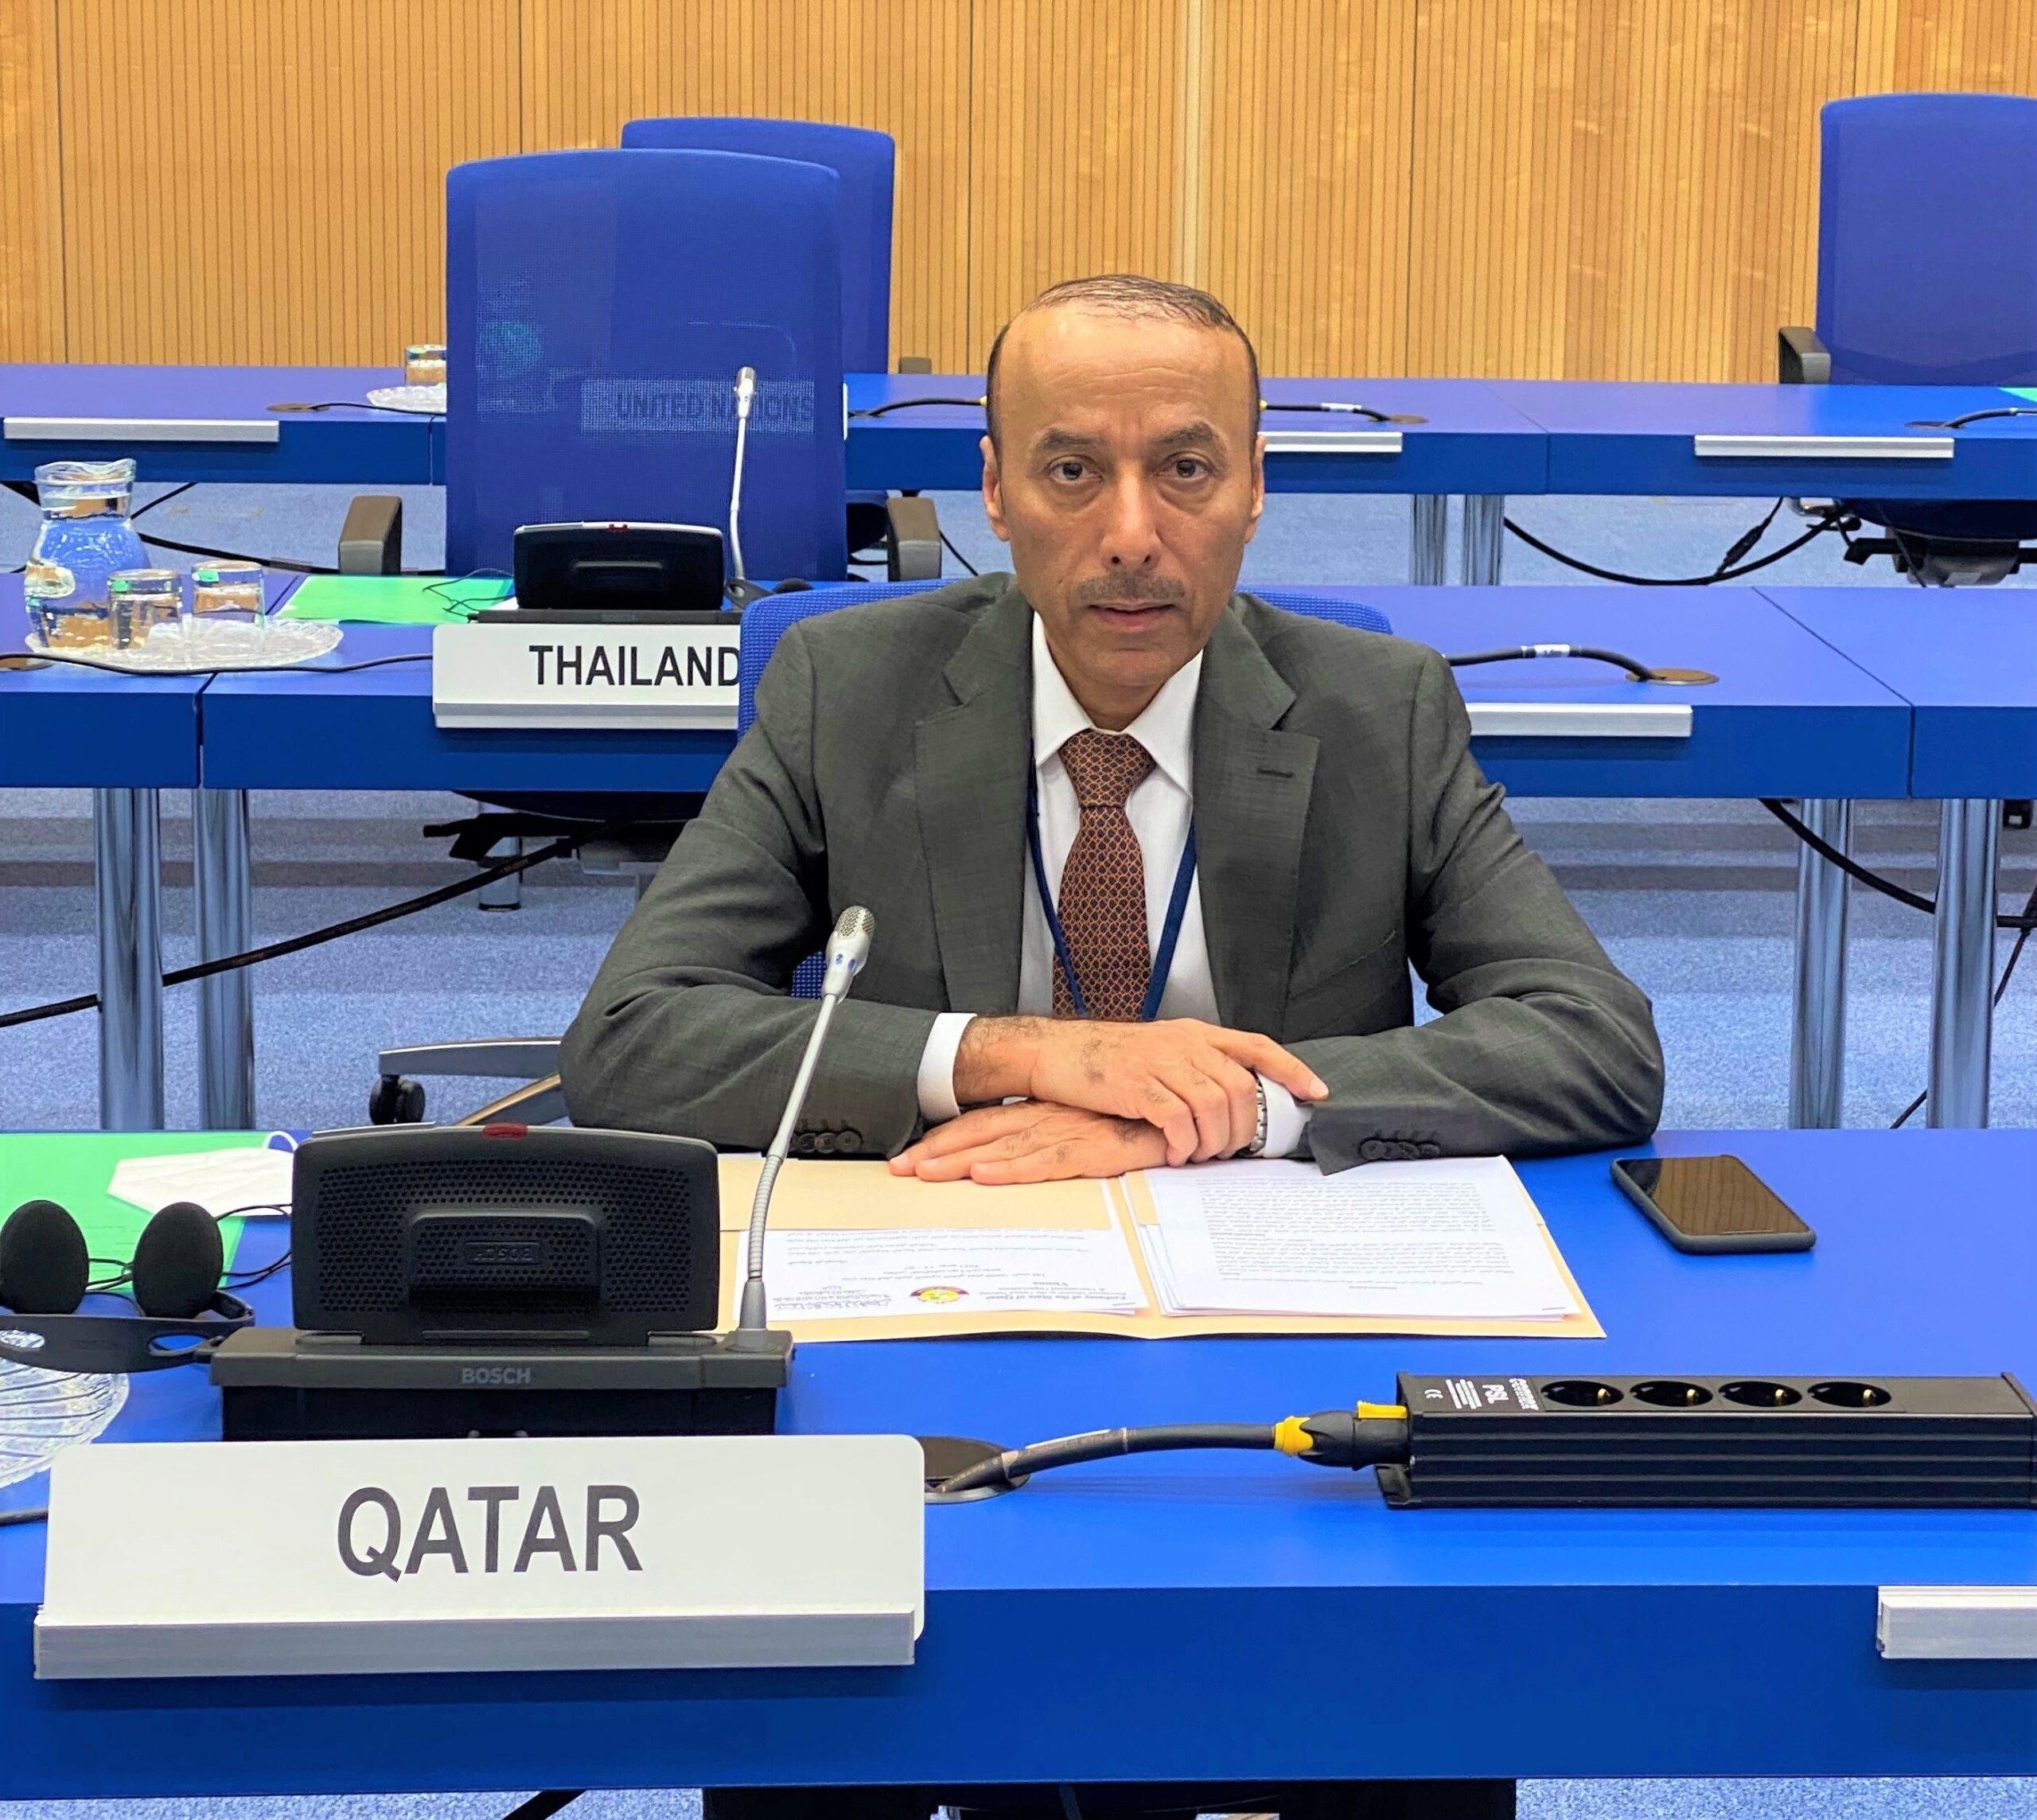 قطر تدعو إسرائيل لفتح منشآتها النووية